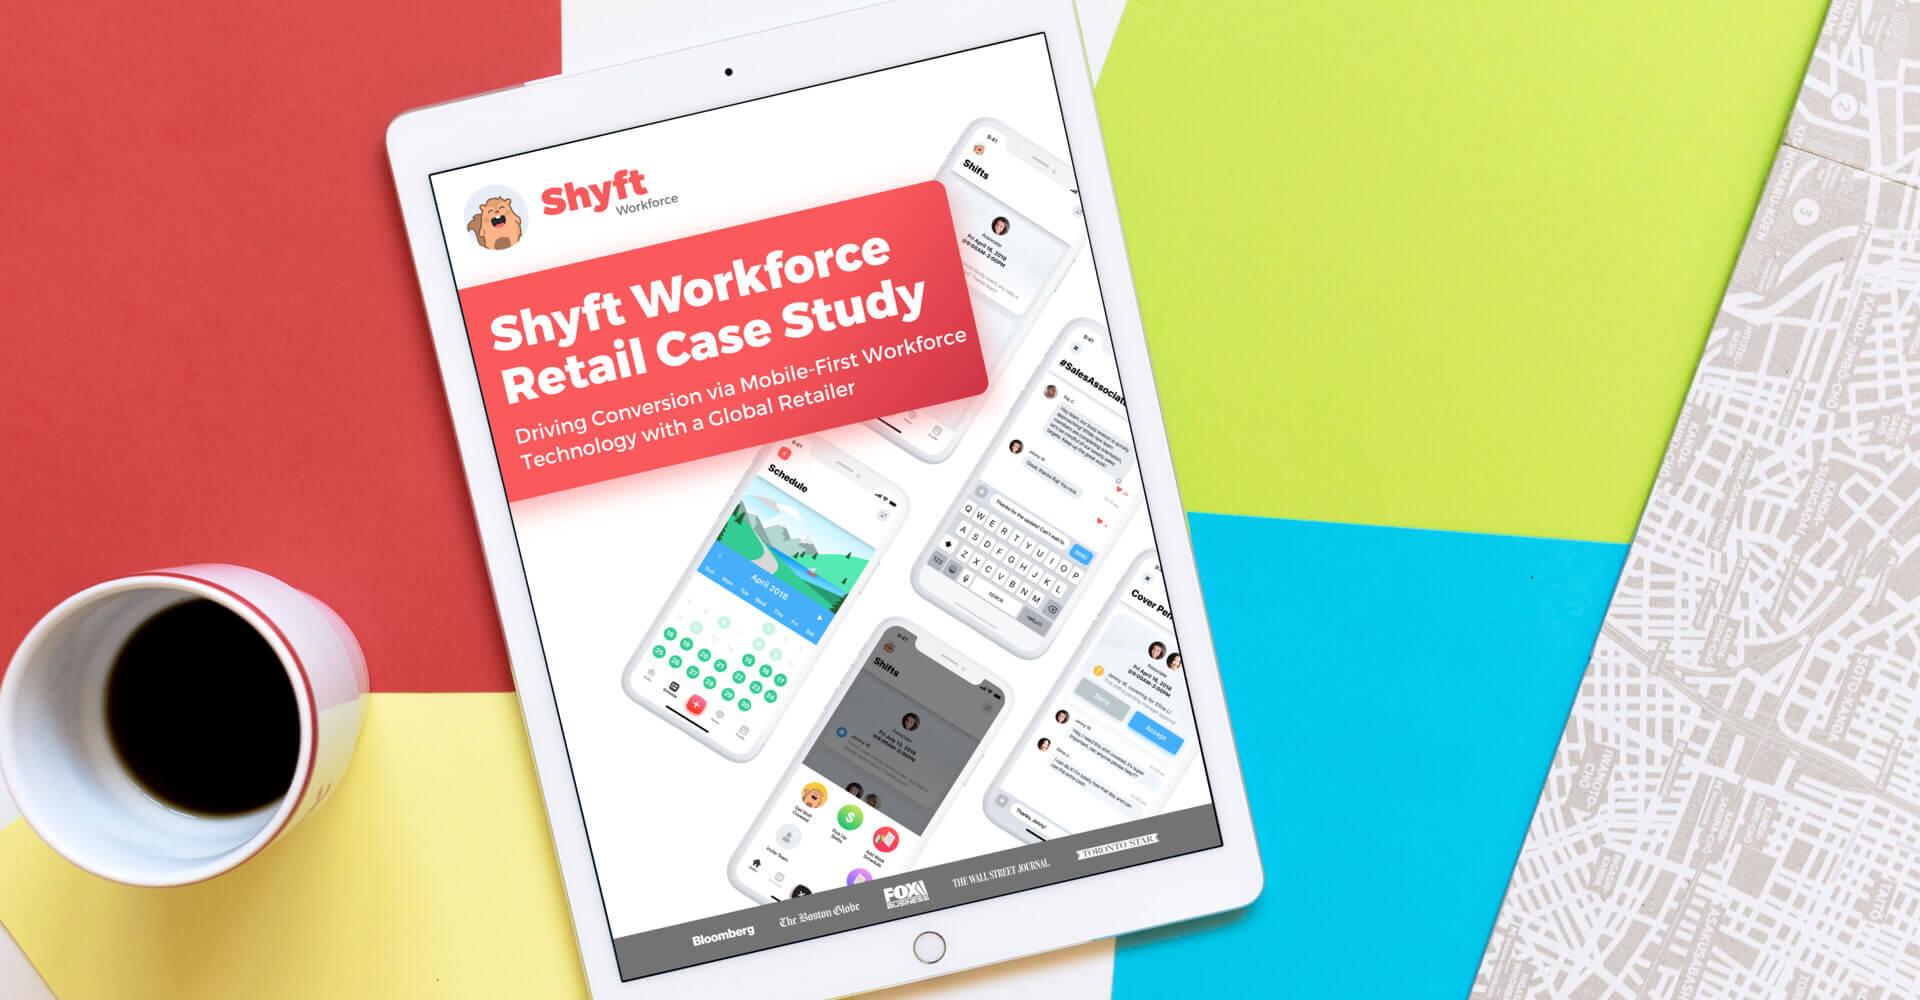 Shyft-Workforce-Retail-Case-Study-Featured